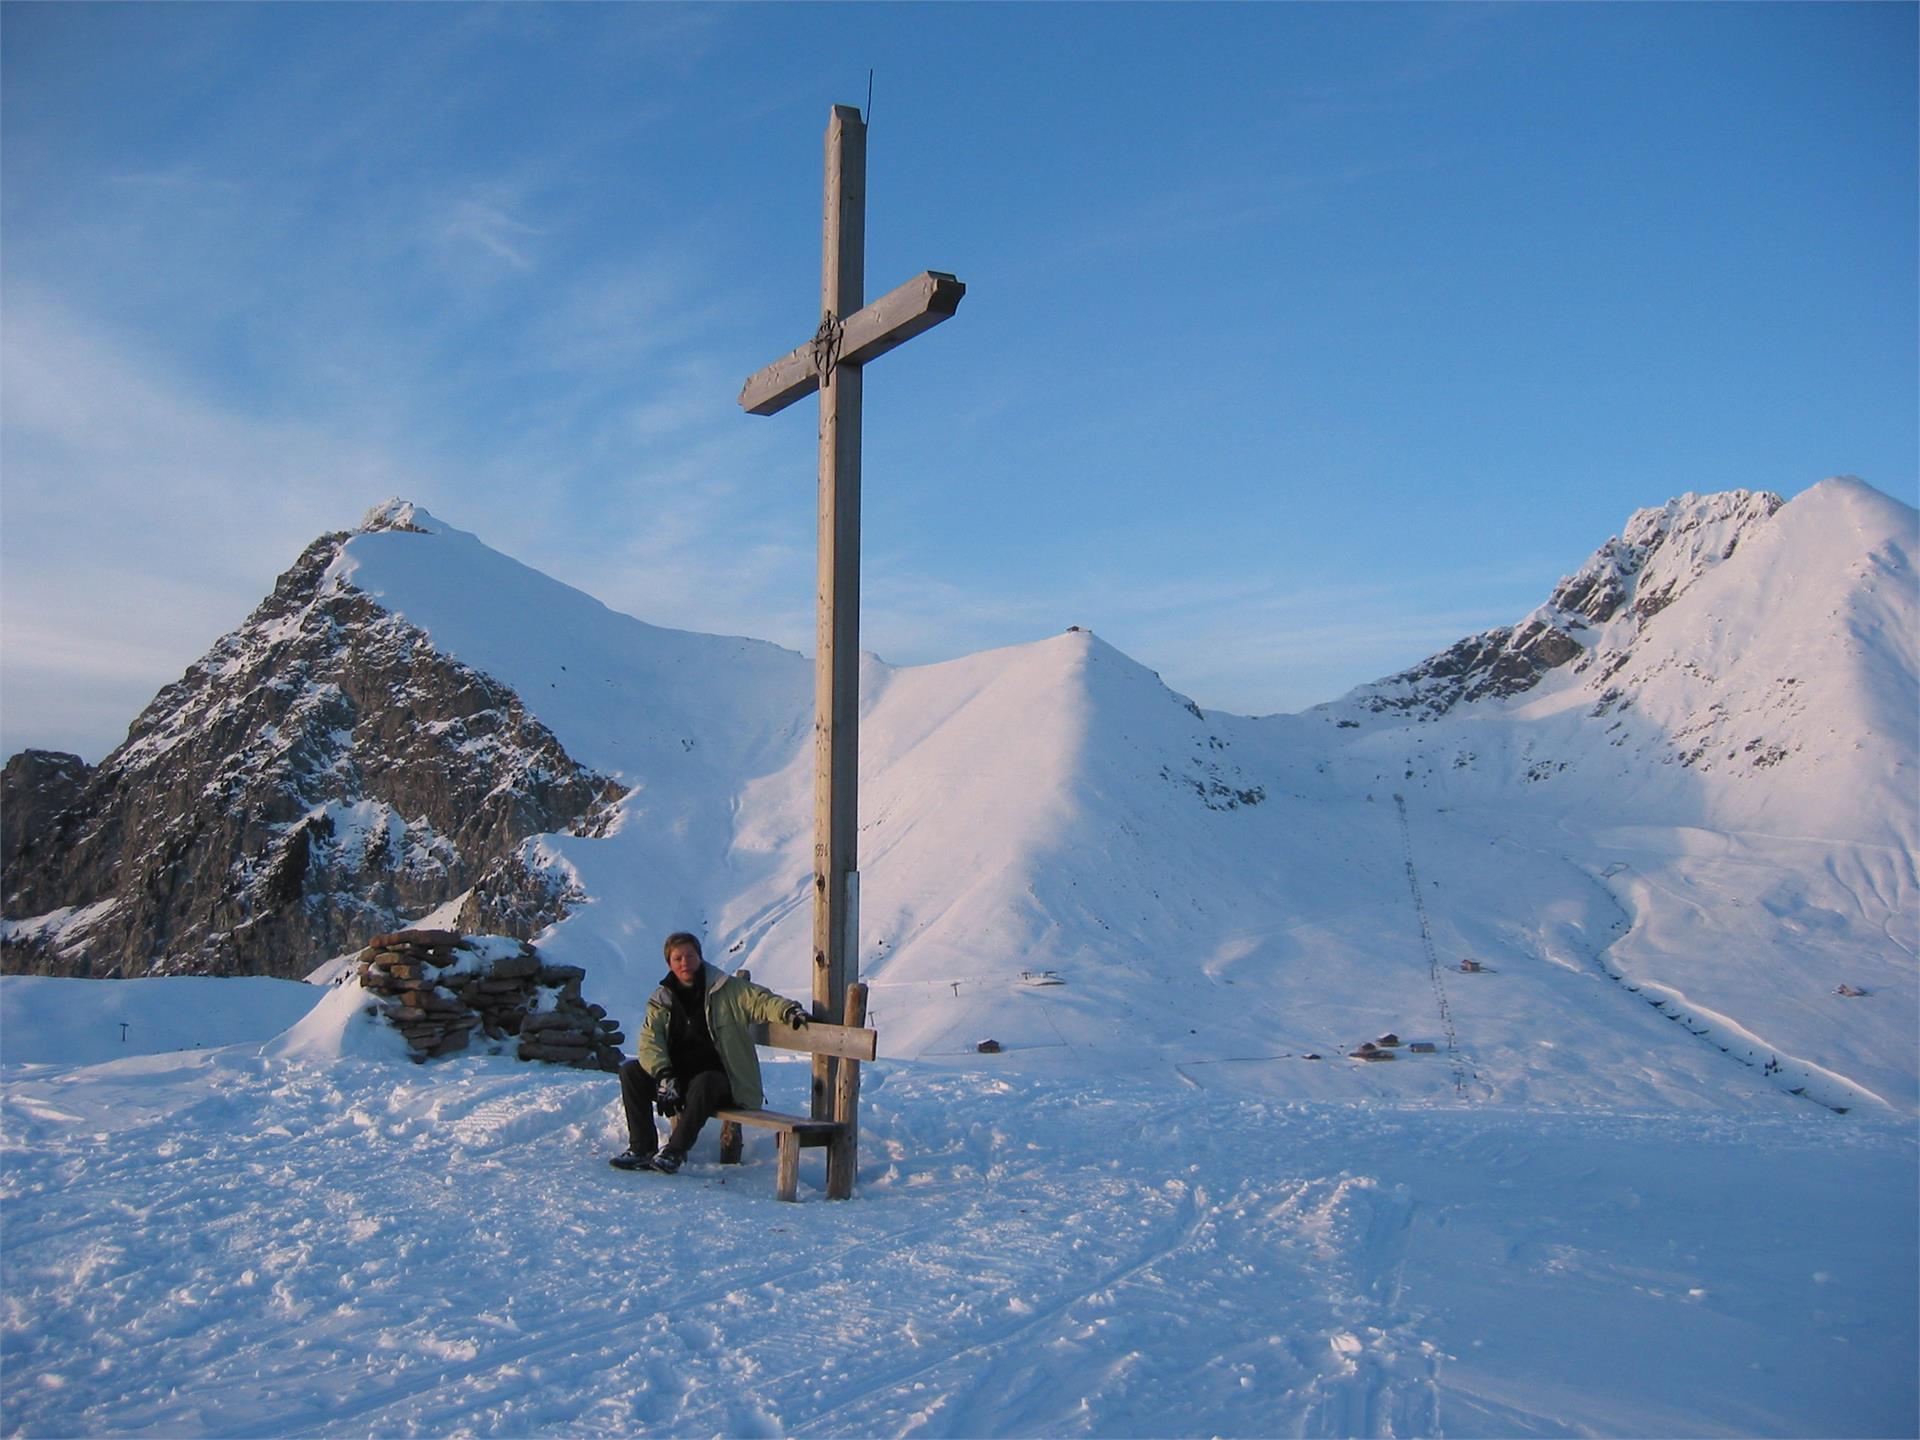 Winterliche Panoramawanderung für Wintersportler